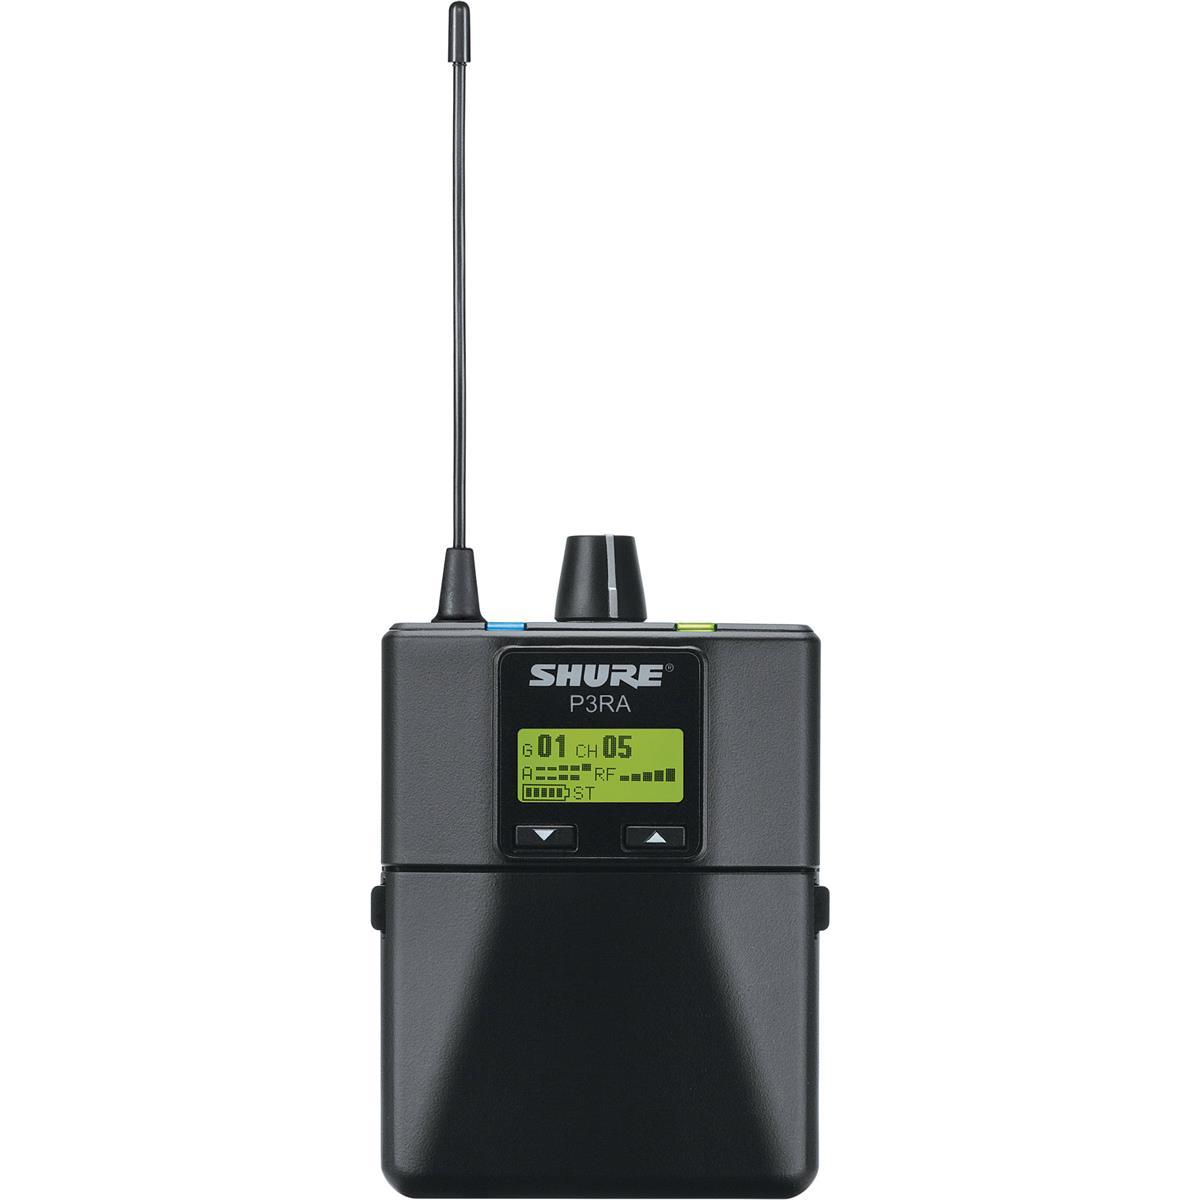 Shure PSM300 Premium Bodypack Receiver H20 (518-542MHz)